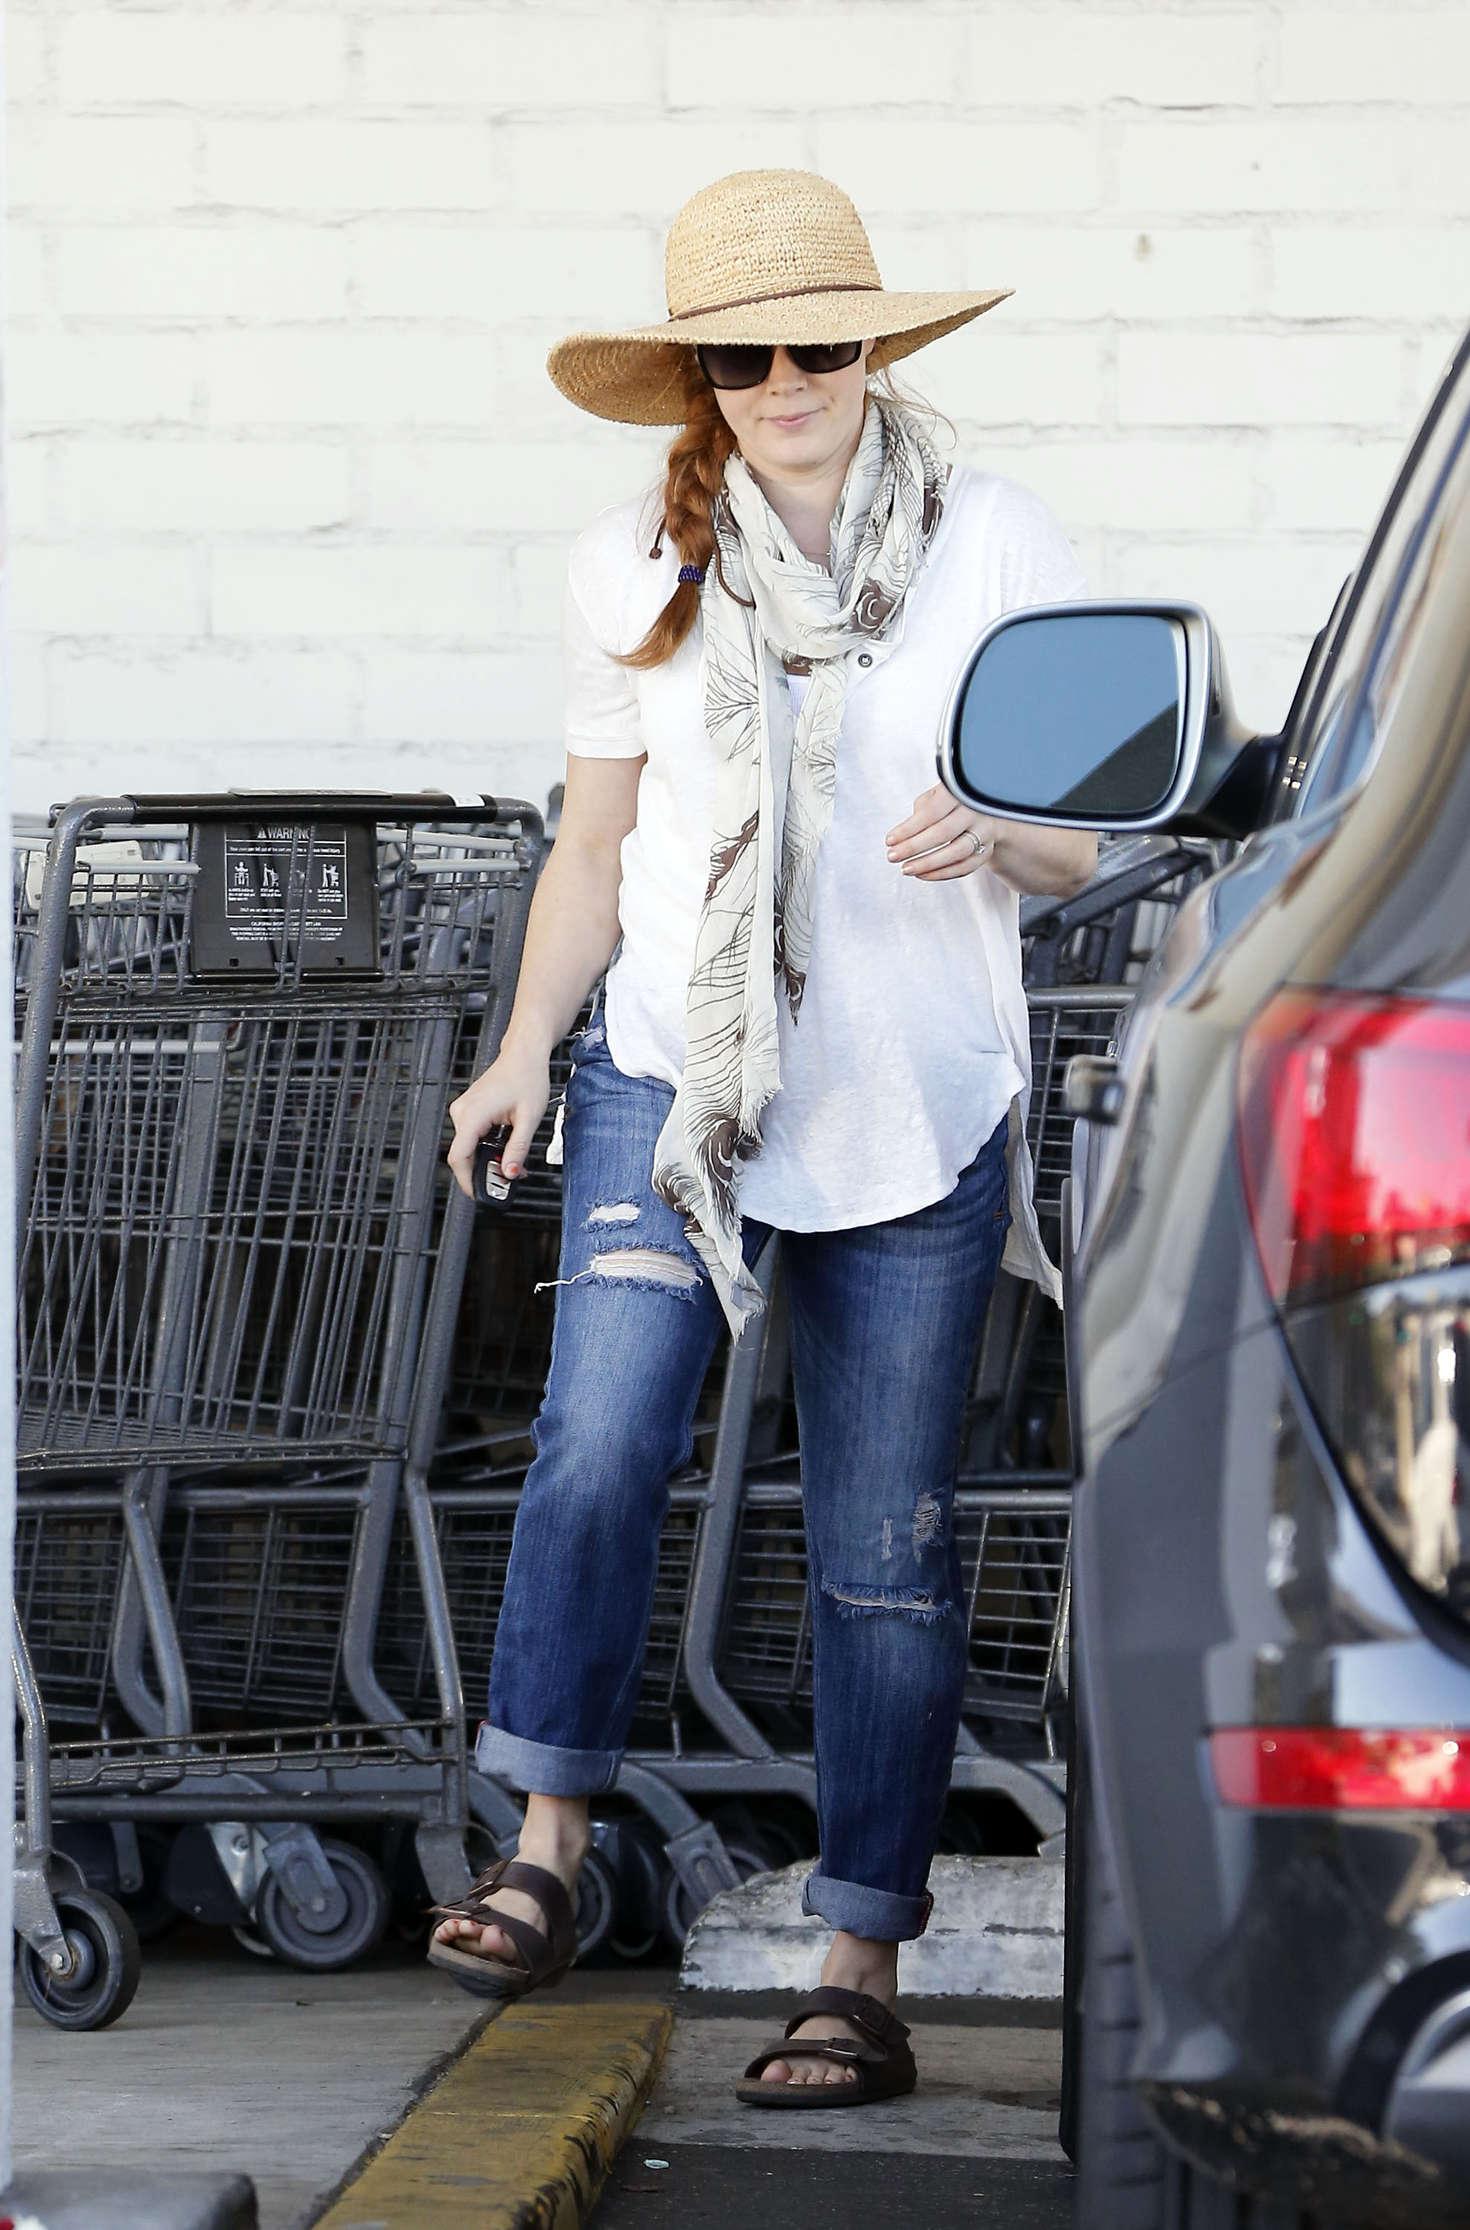 Amy Adams 2016 : Amy Adams in Jeans Shopping in LA -07